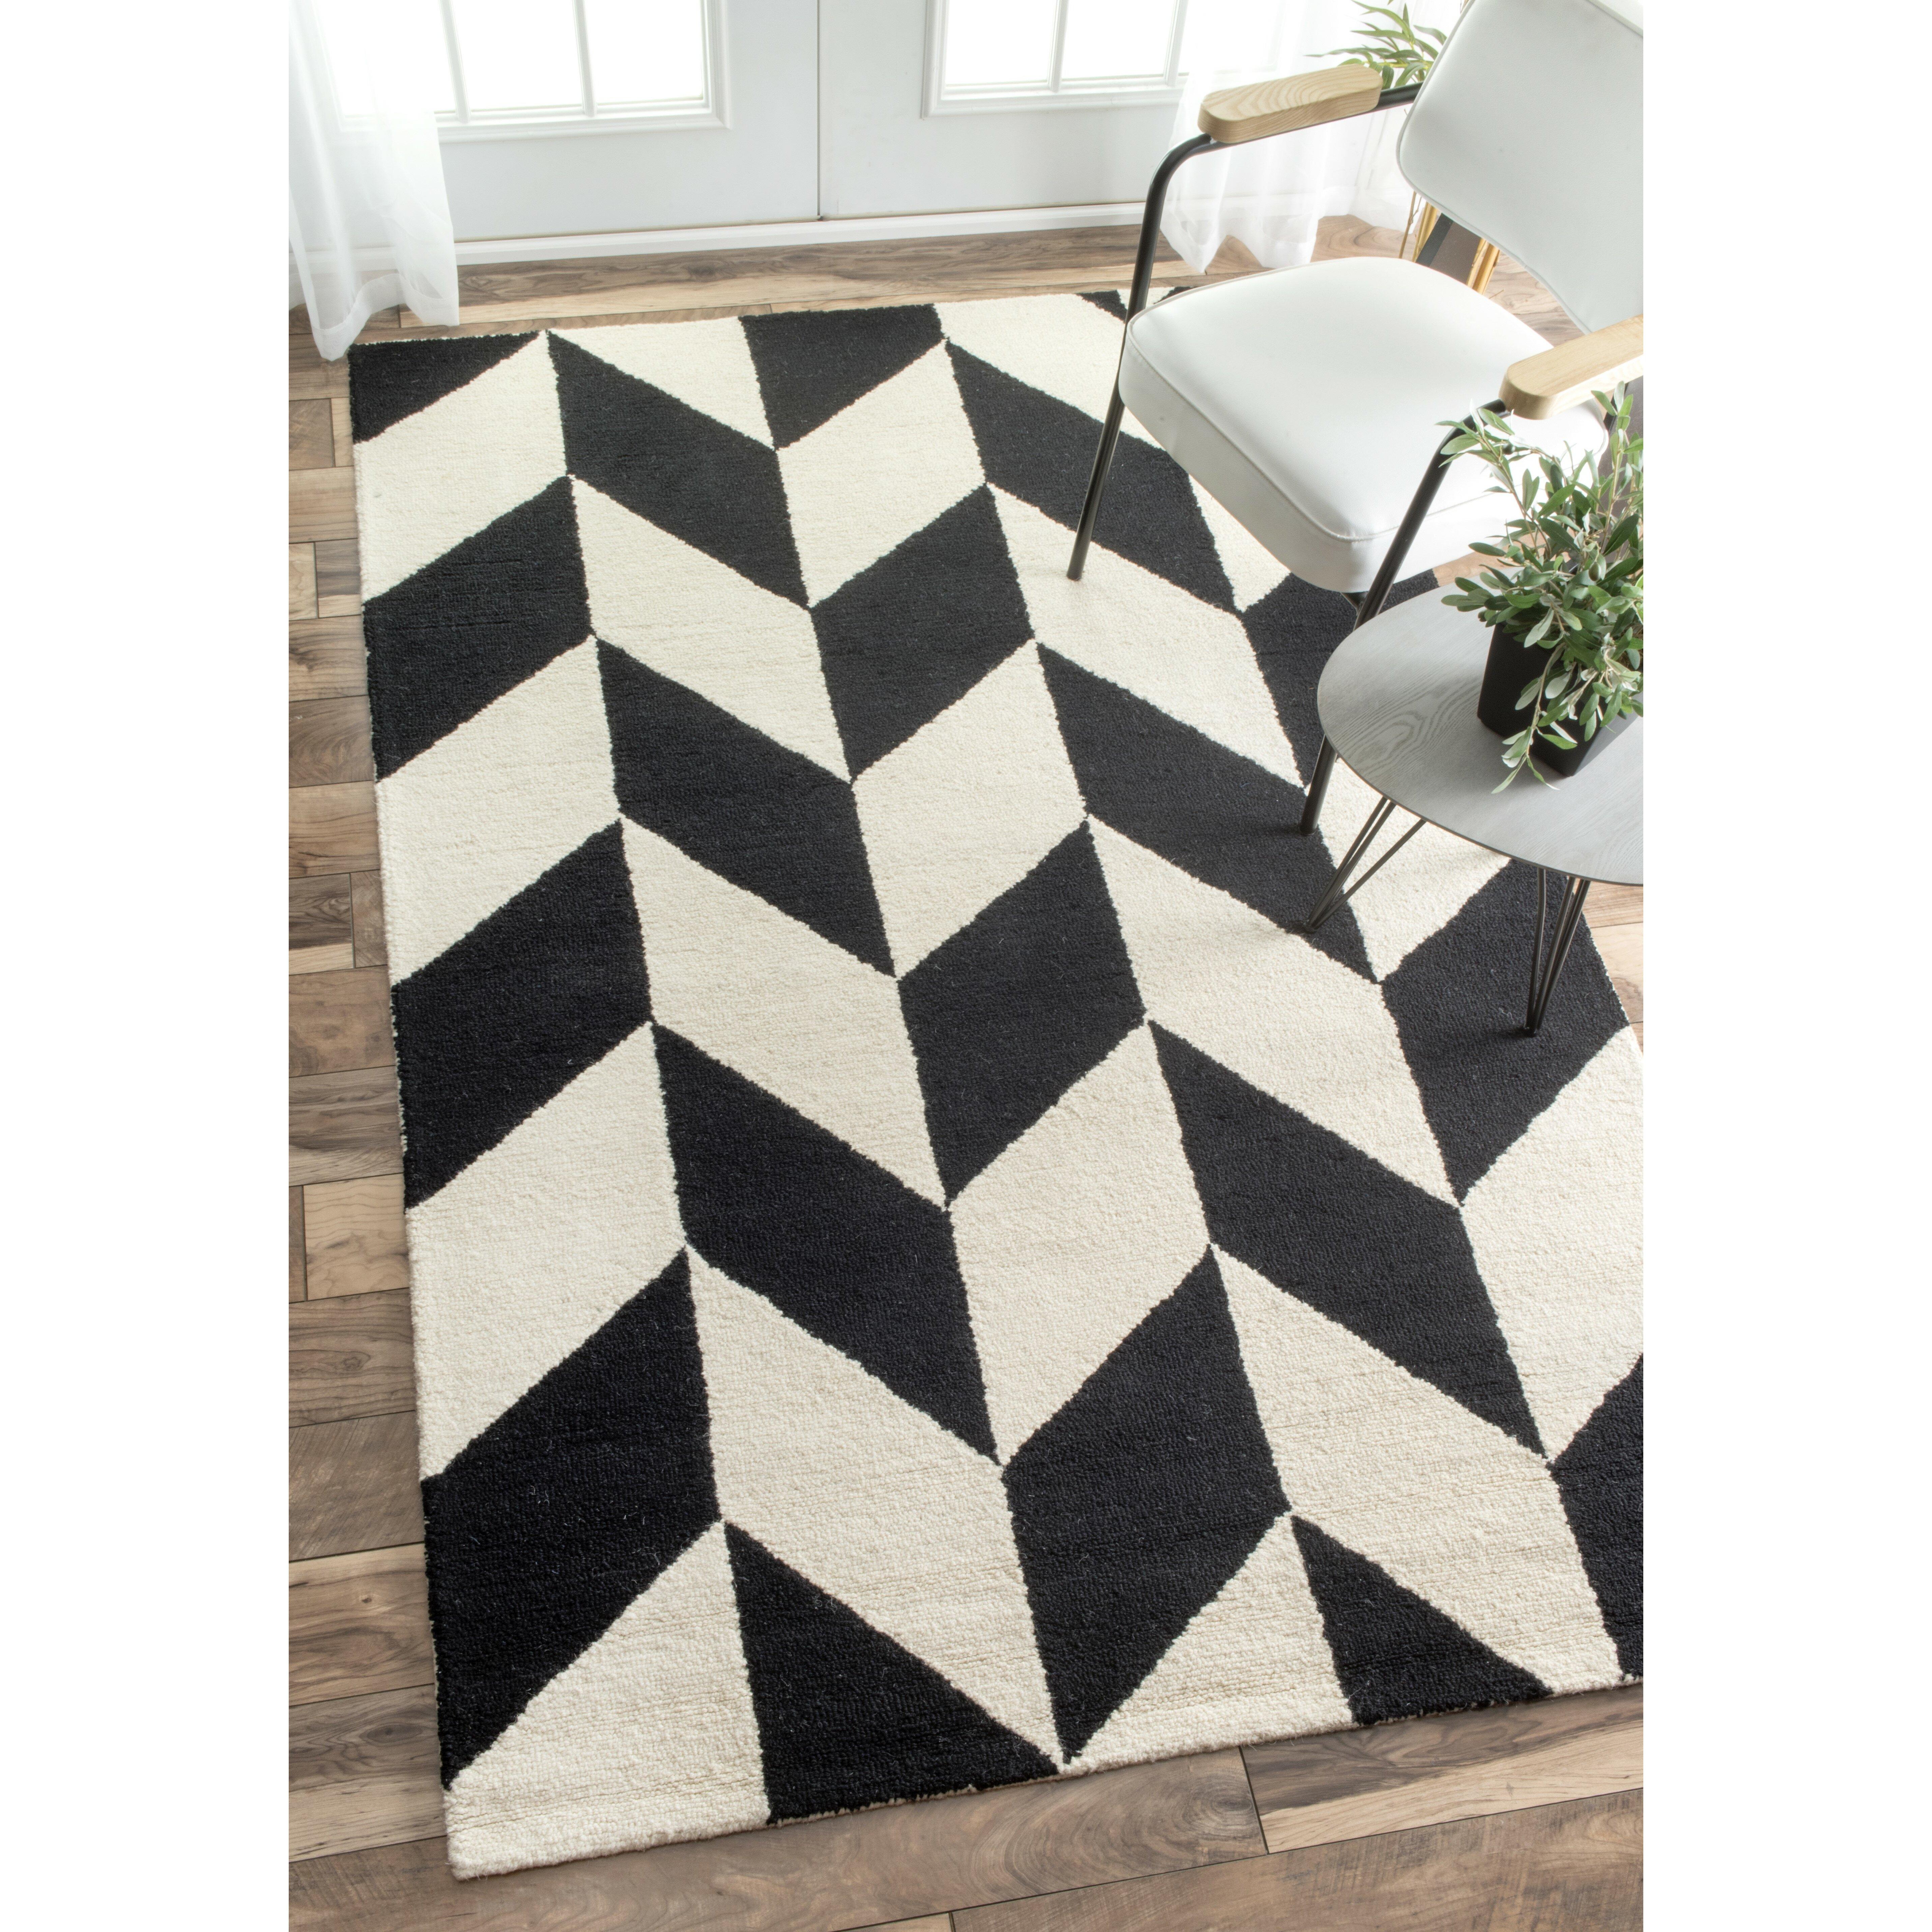 Nuloom Black And White Rug: NuLOOM Katte Hand-Tufted Black/White Indoor Area Rug